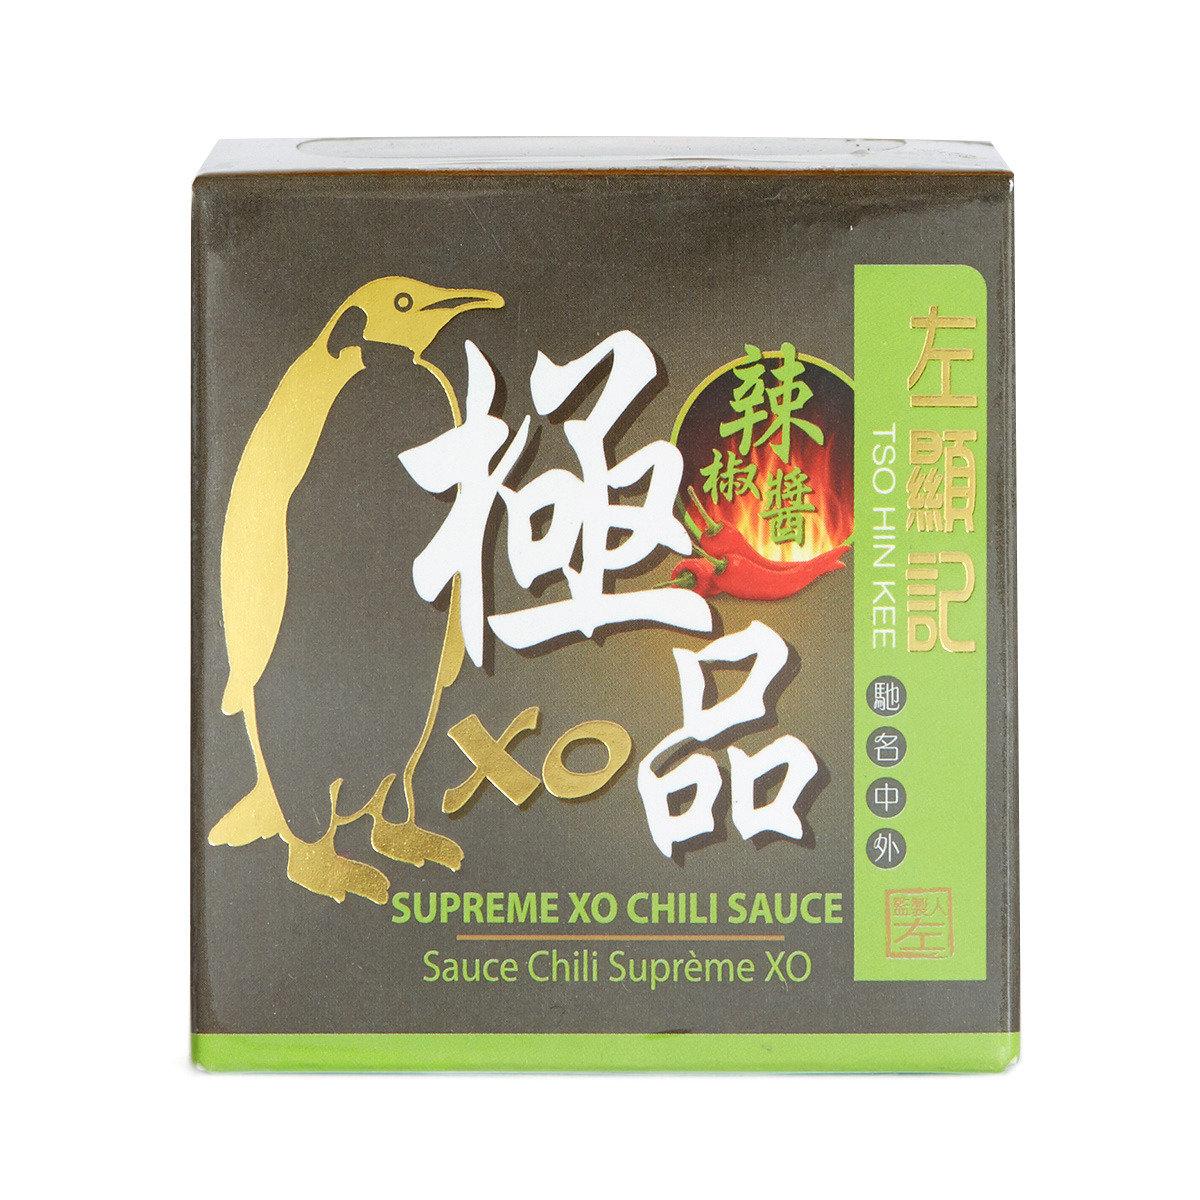 極品XO辣椒醬